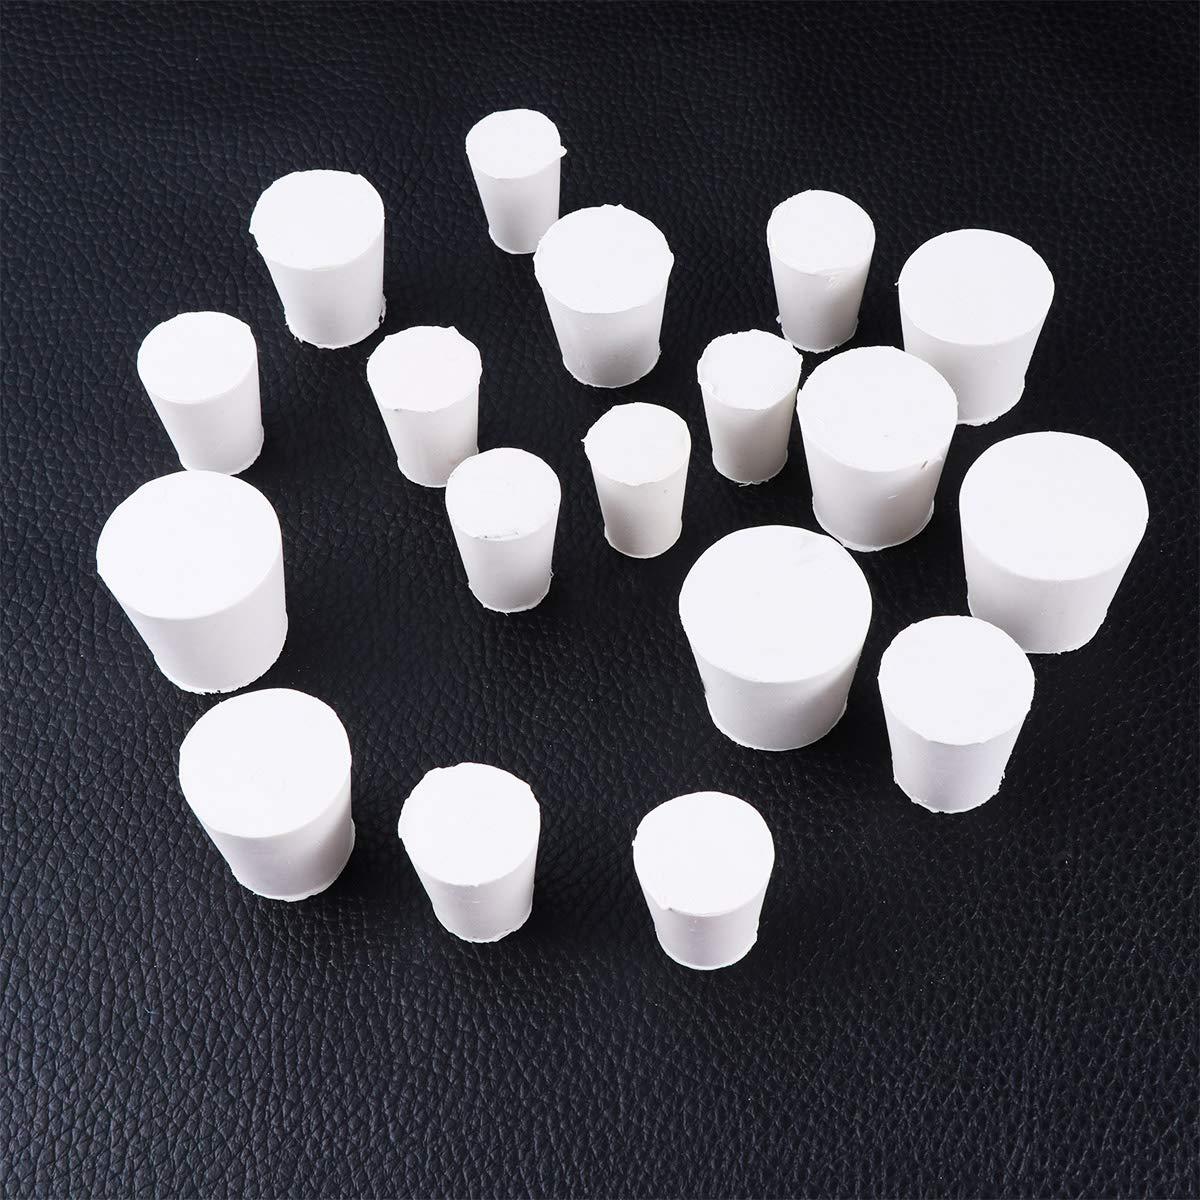 UKCOCO 18 St/ücke Gummi Reagenzglas Stopper f/ür Labor Erlenmeyer Kolben Stopfen Stopfen